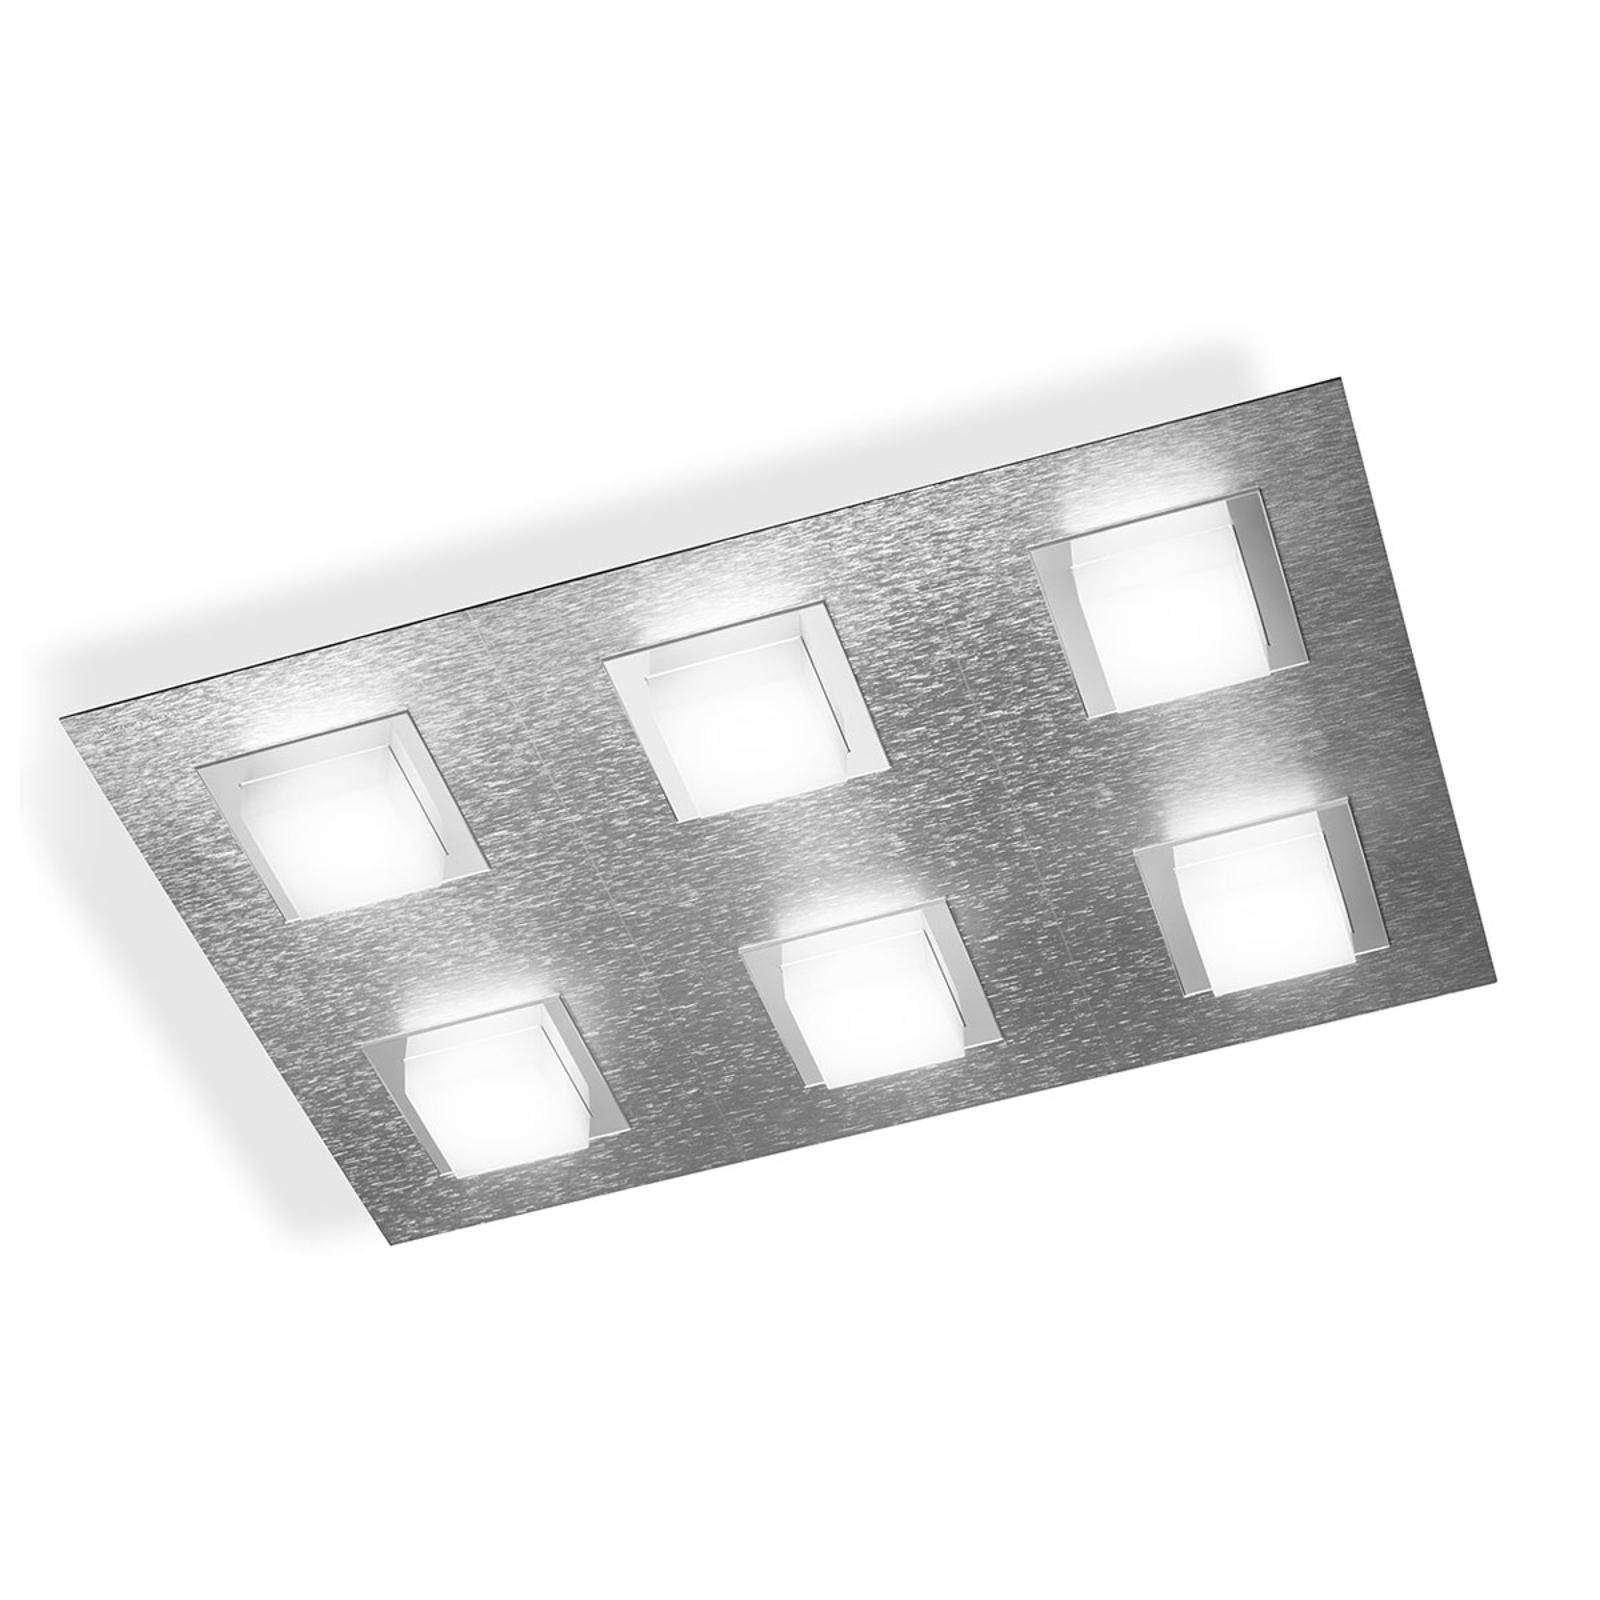 Produktové foto GROSSMANN GROSSMANN Basic LED stropní svítidlo, 6zdr hliník